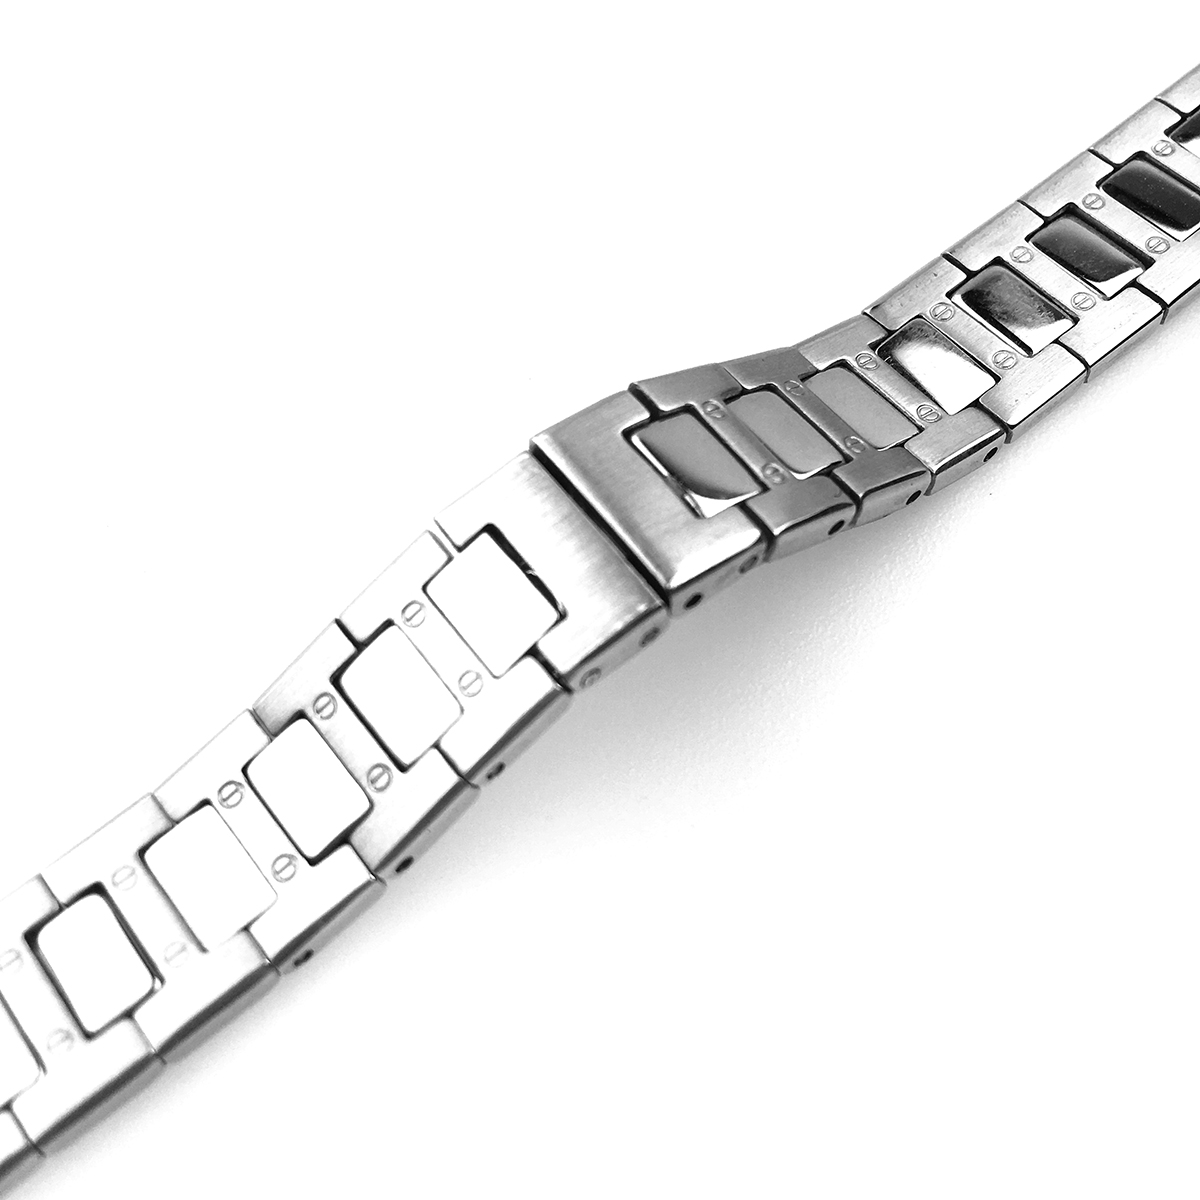 【メール便】 腕時計ベルト 腕時計バンド 替えストラップ 社外品 汎用ステンレスベルト 取付幅12mm (尾錠)Dバックル付き [ Eight - ESB266 ]